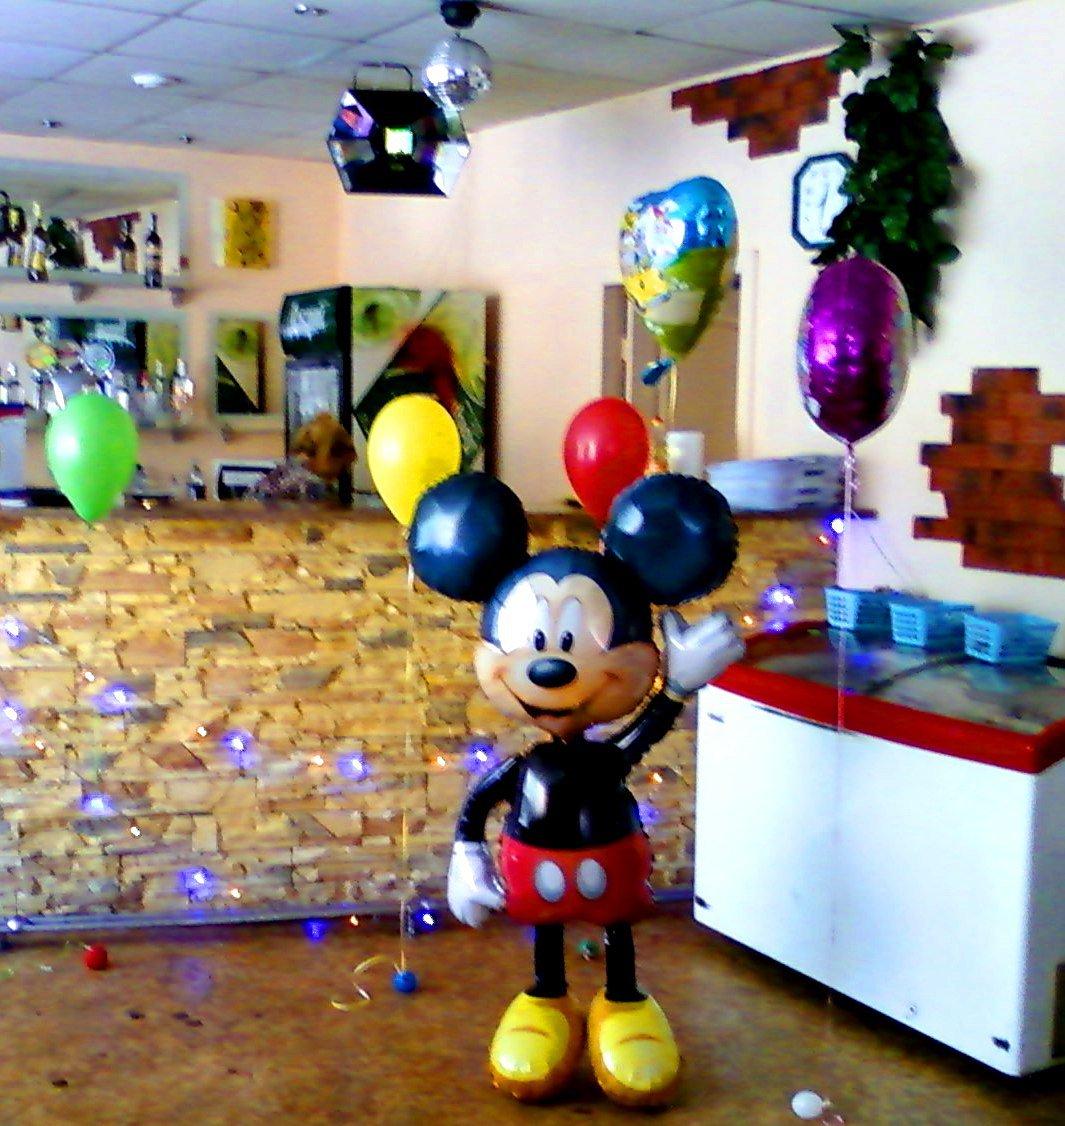 Ходячий шар Микки Маус - оригинальный подарок на детский день рождения